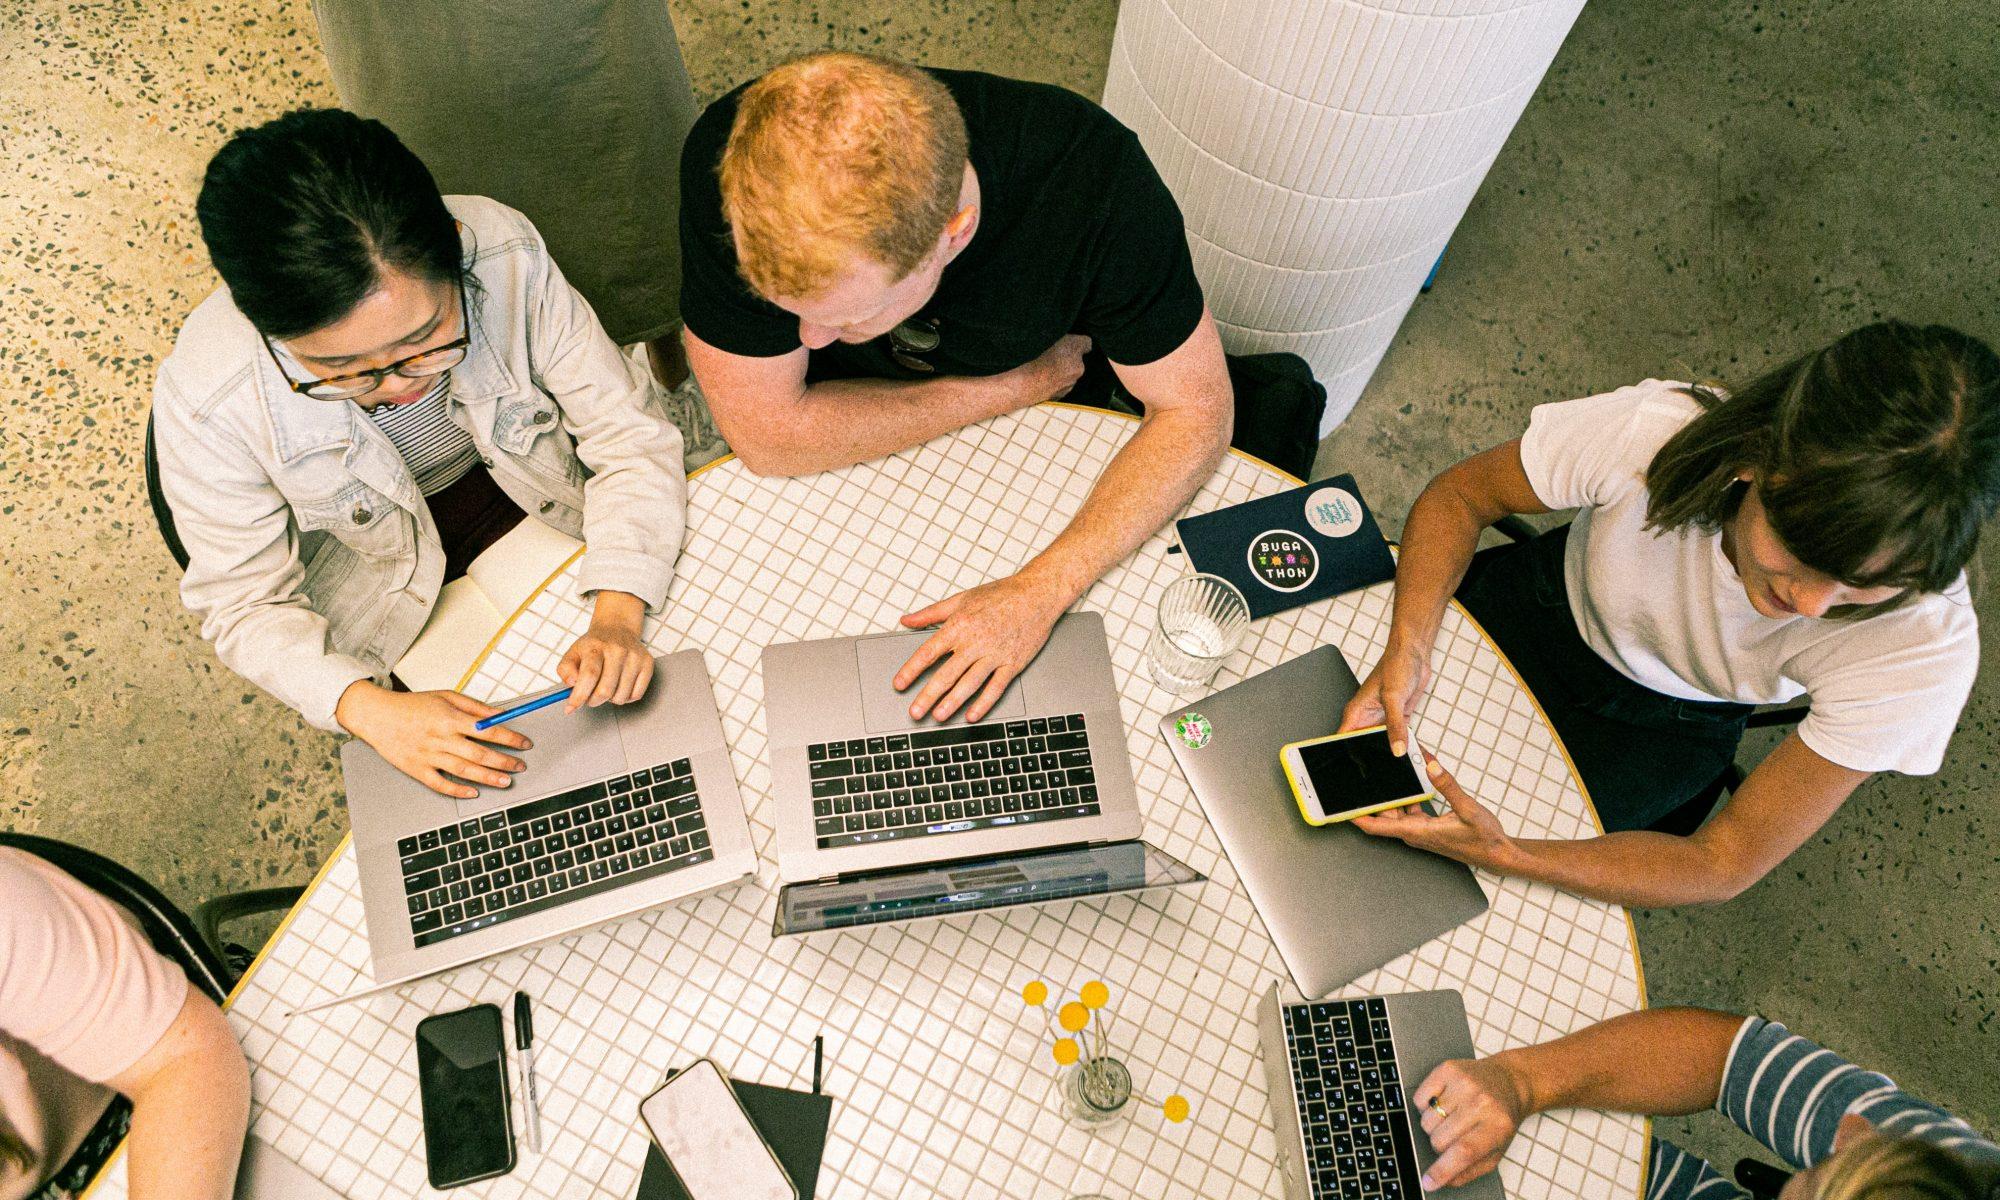 Inbound ou Outbound: qual a melhor estratégia de marketing digital para sua empresa?